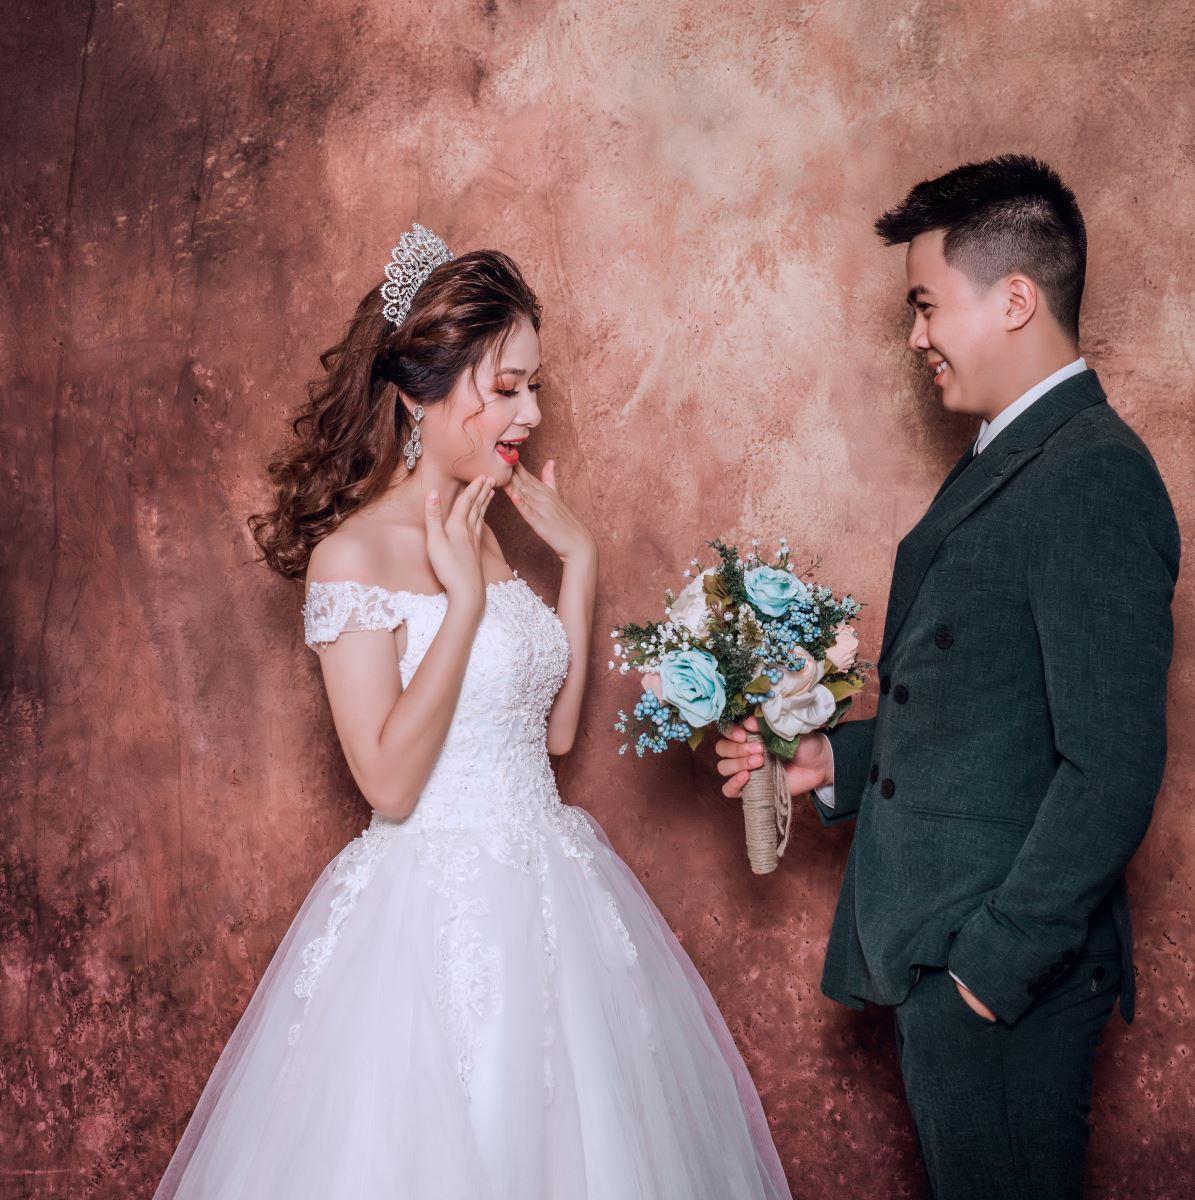 10 cách tạo dáng chụp ảnh cưới trong phòng - em la cua anh